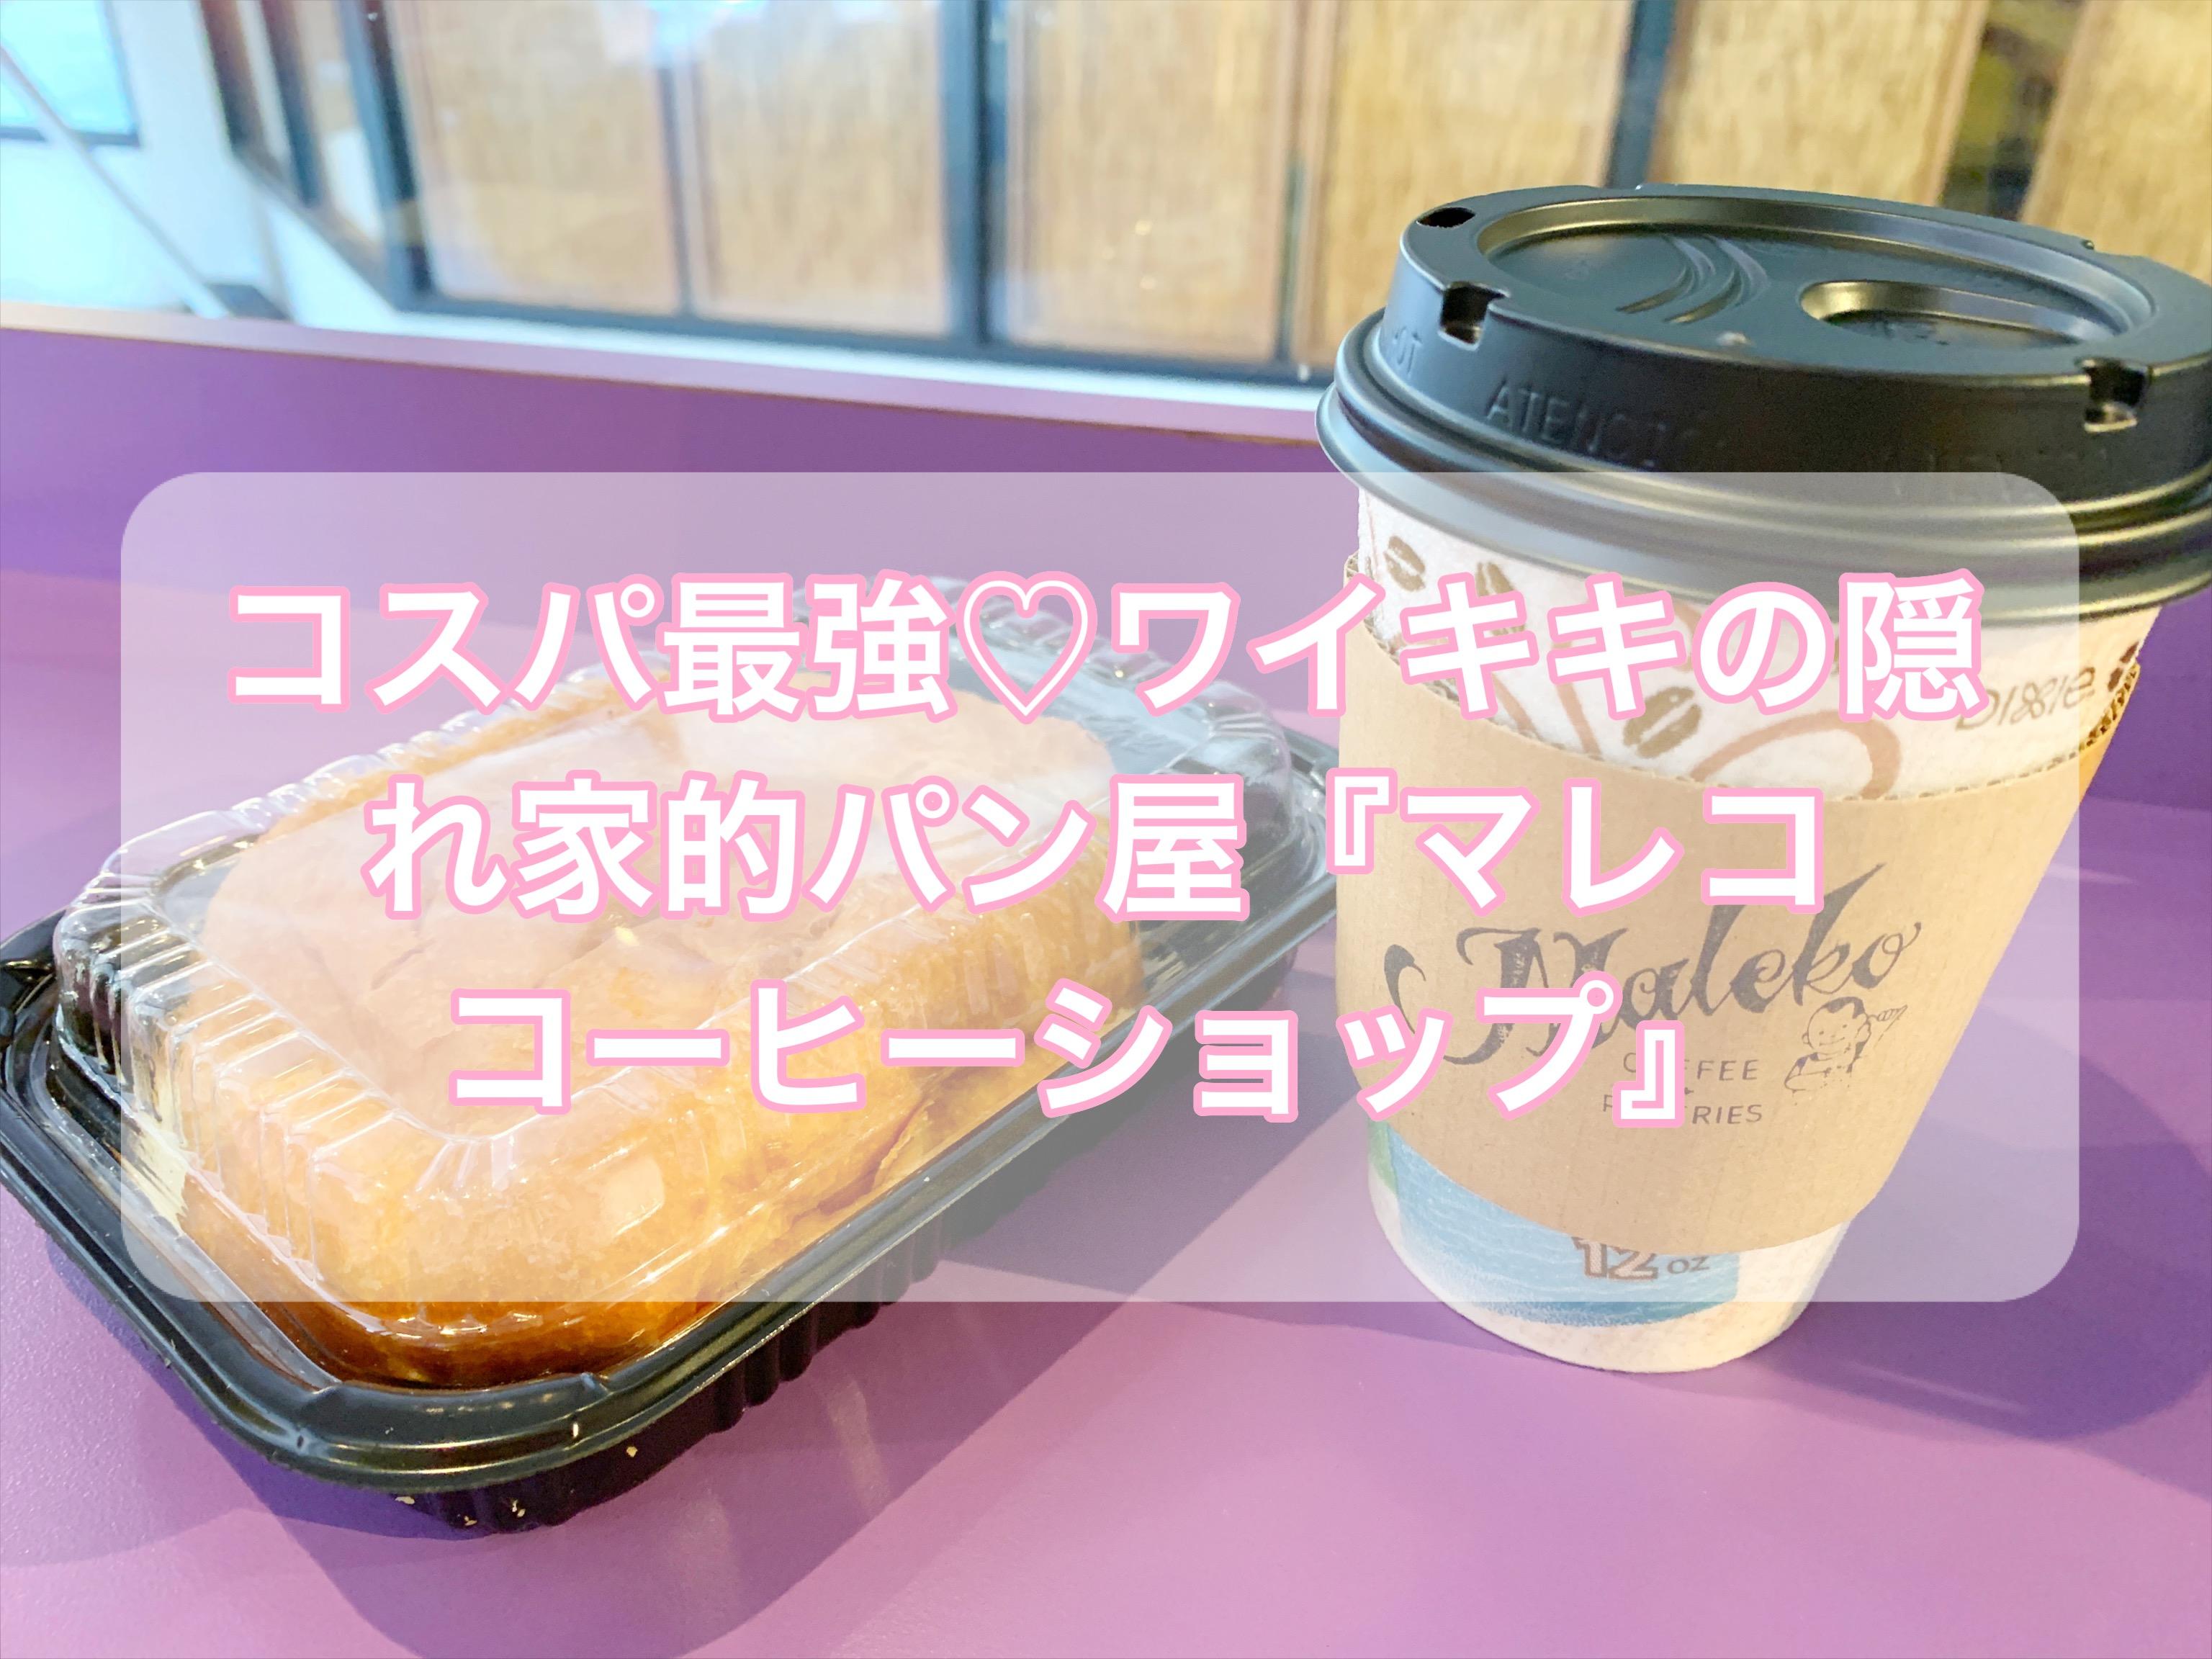 【ハワイグルメ】ワイキキおすすめパン屋「マリコ・コーヒー・ショップ」【安い・人気】